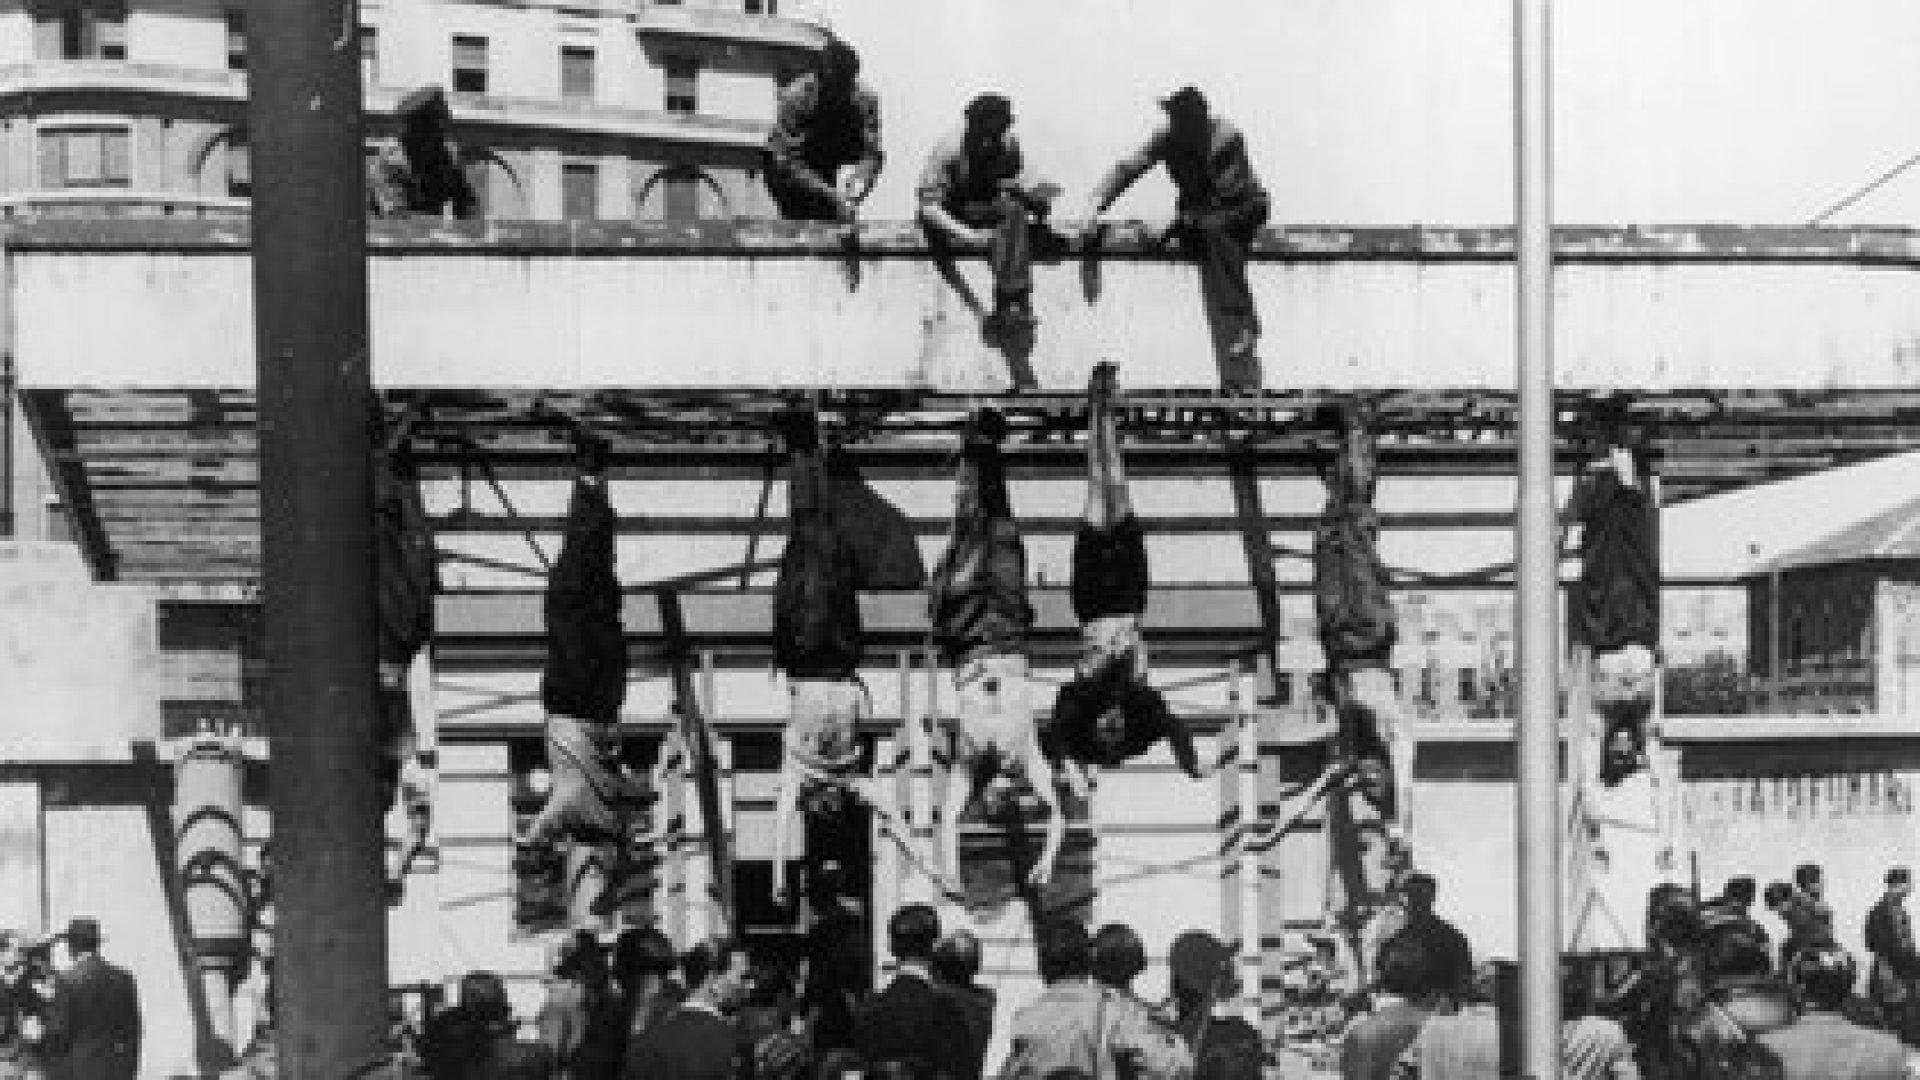 Antes de ser ejecutados, Mussolini y su amante intentaron una fuga ayudados por un enviado de Hitler. Pero los atraparon. Luego de fusilarlos, los cuerpos fueron colgados y exhibidos en una plaza de Milán (The Grosby Group)